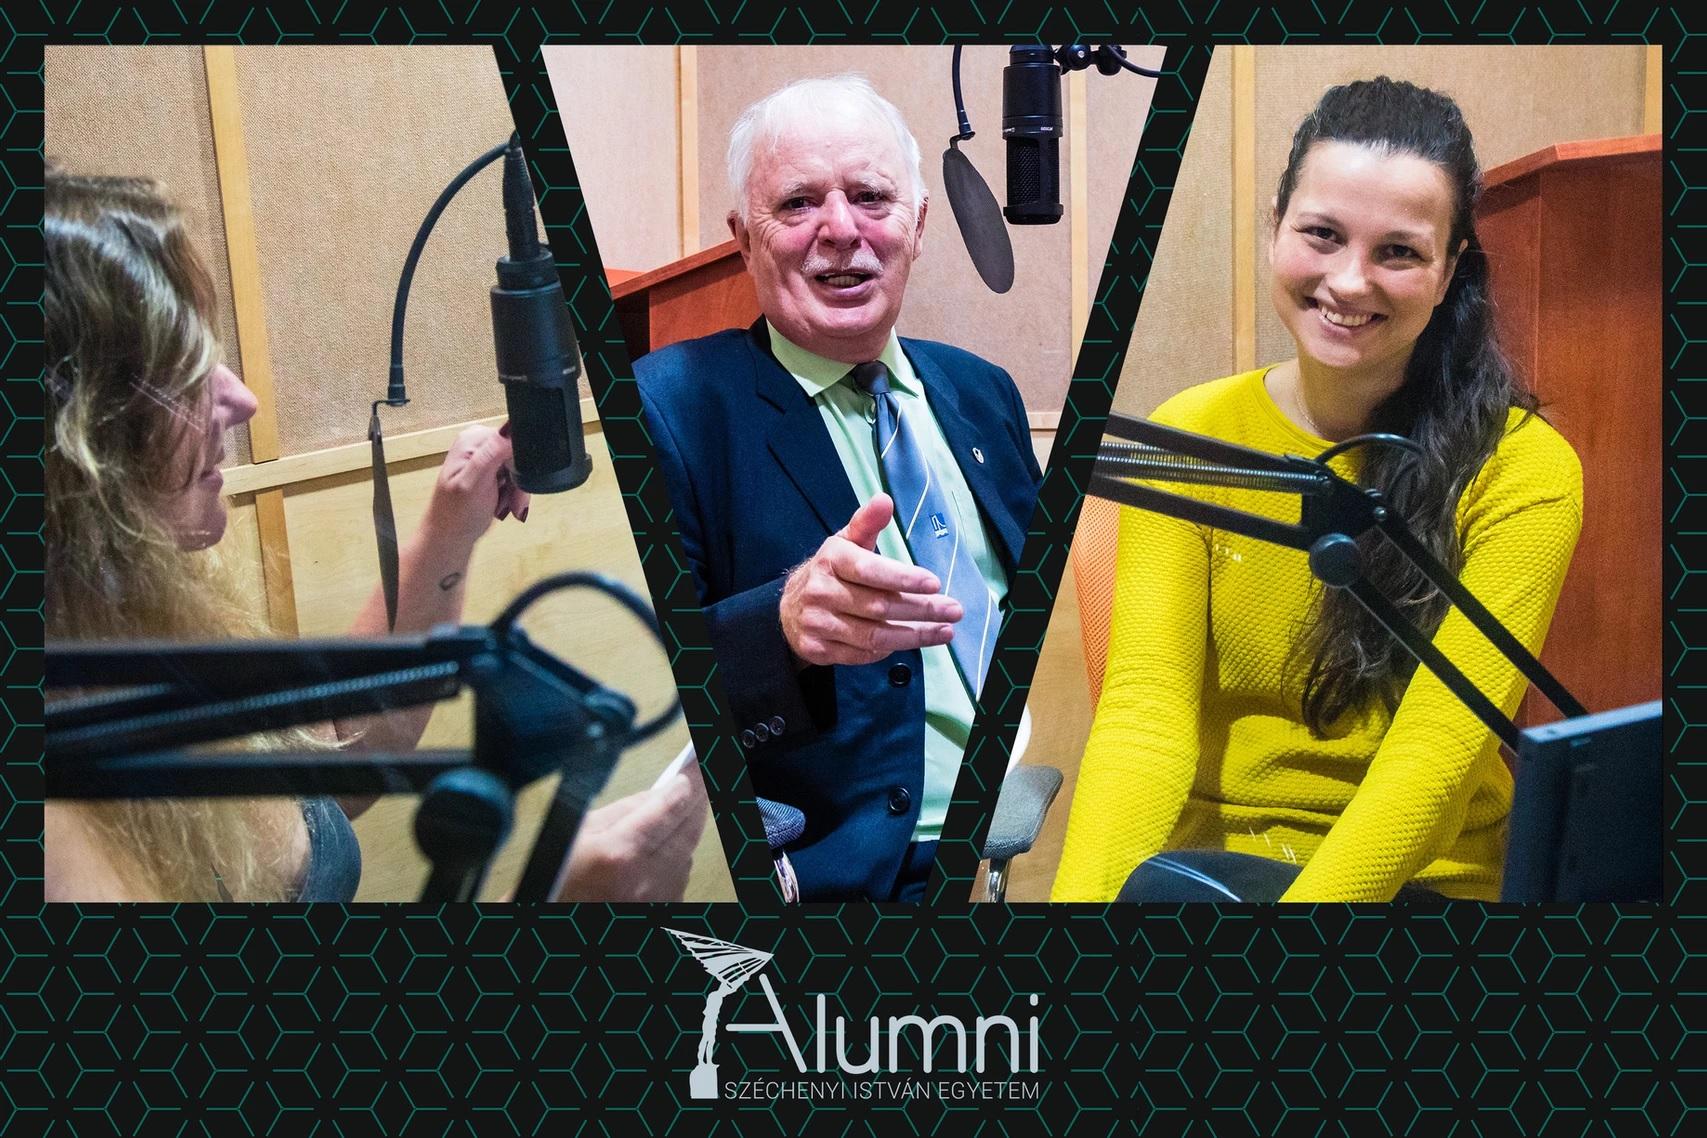 Elindult az Alumni Talk, a Széchenyi-egyetem podcastja